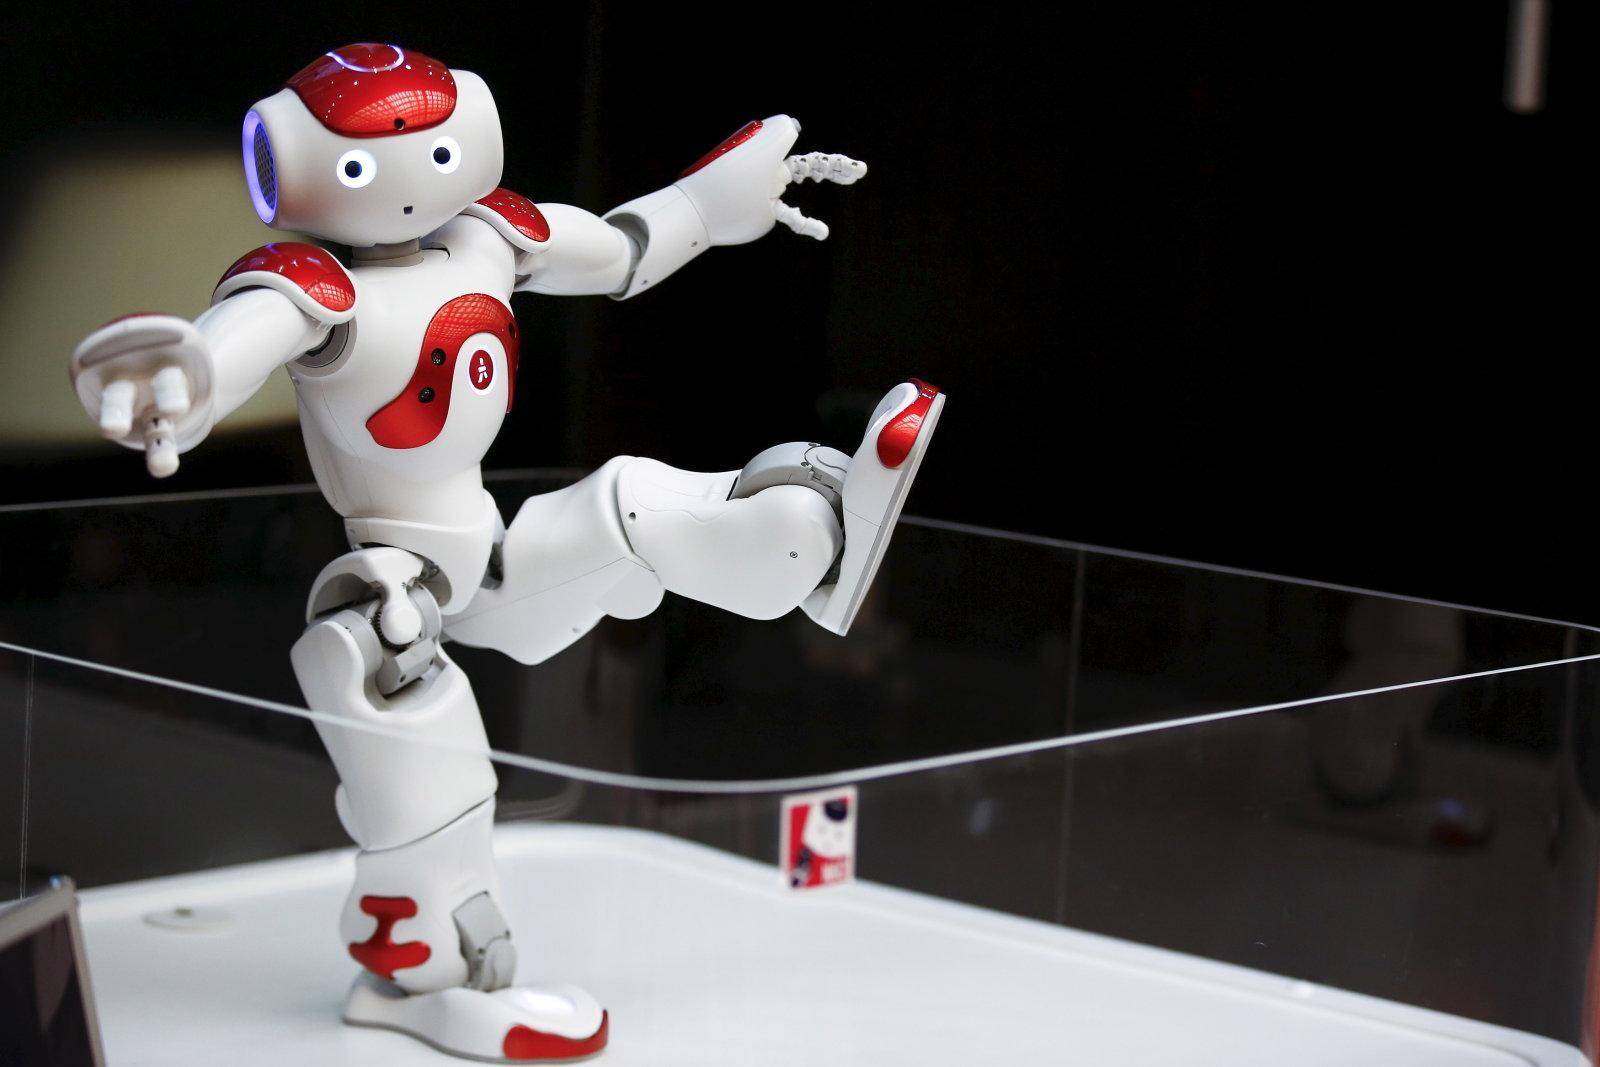 日本宣布将进行利用AI和机器人来提升英语教育的实验